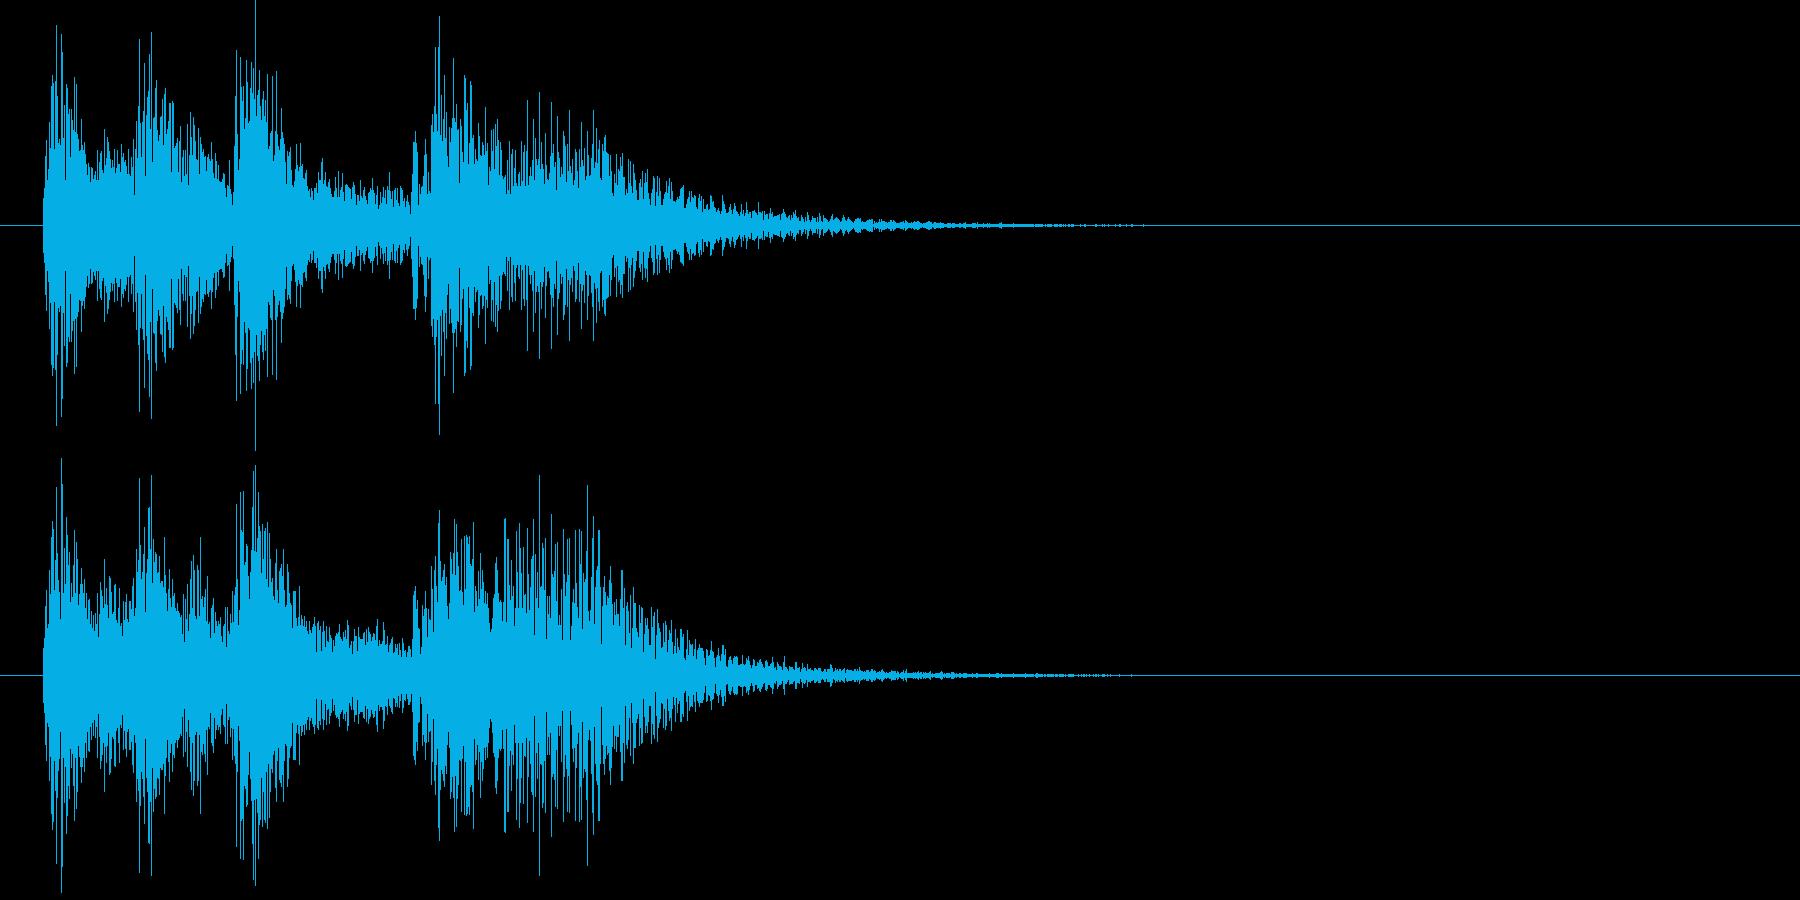 「発表!」を盛り上げる短めファンファーレの再生済みの波形